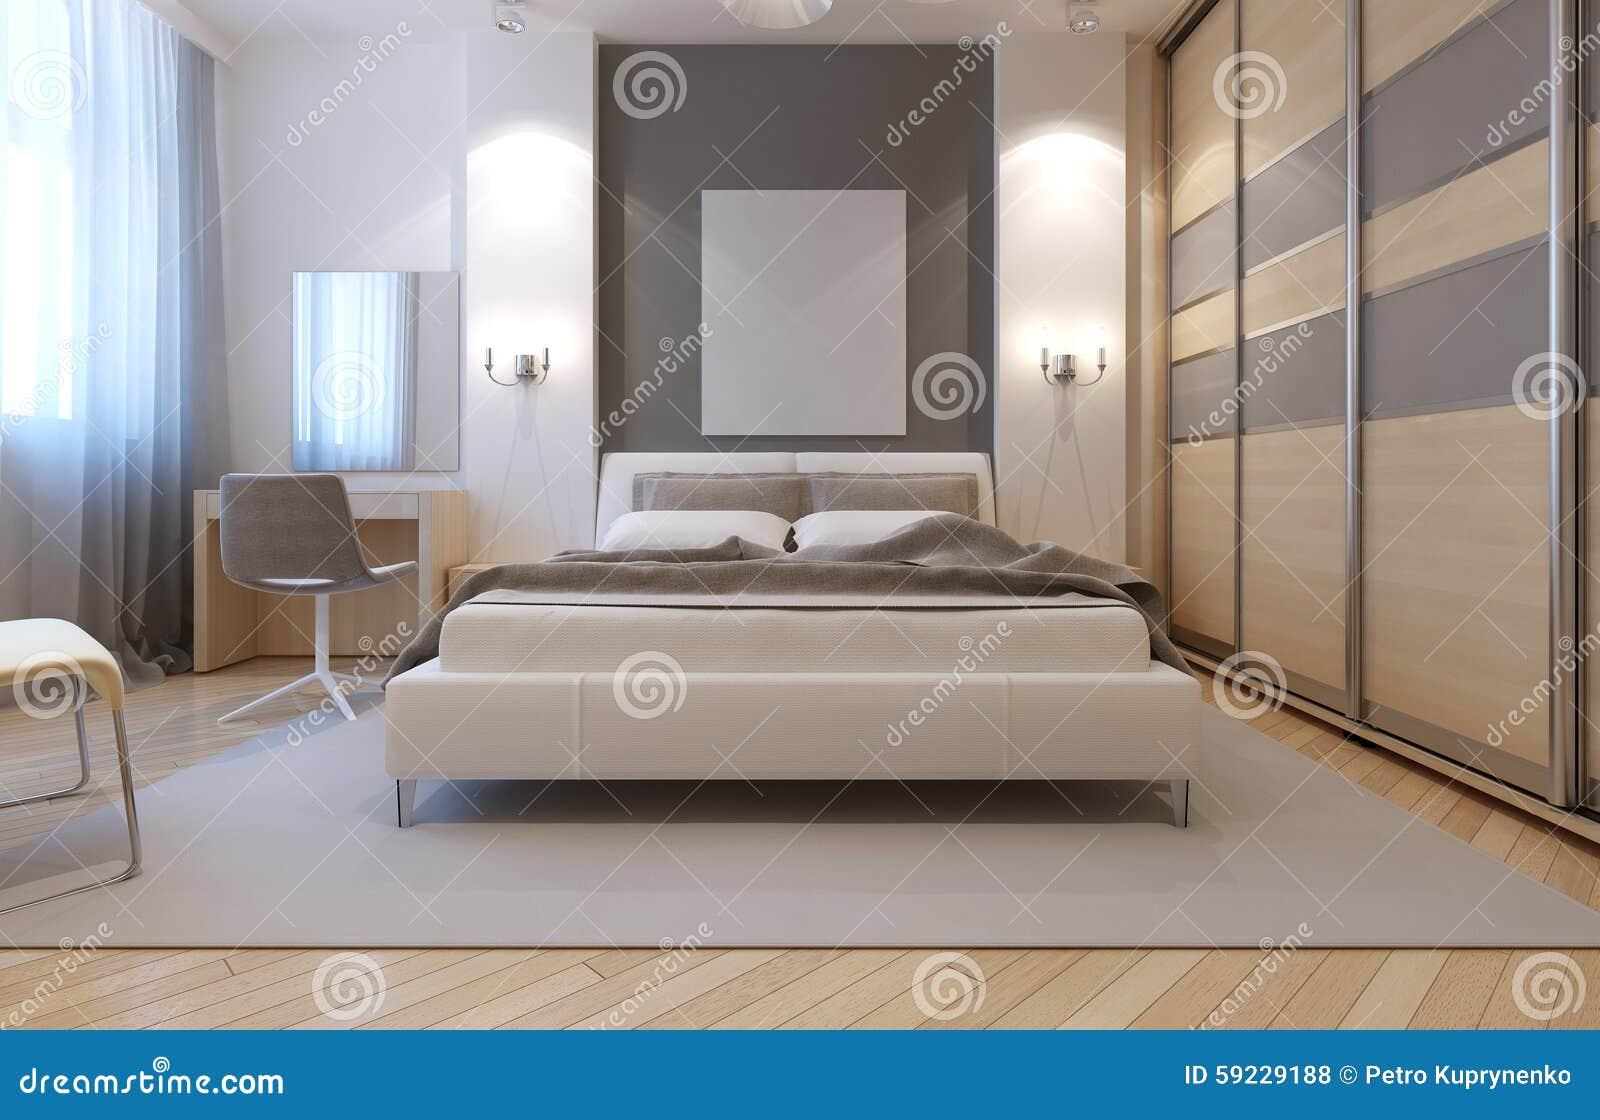 Diseño del avangard del dormitorio principal